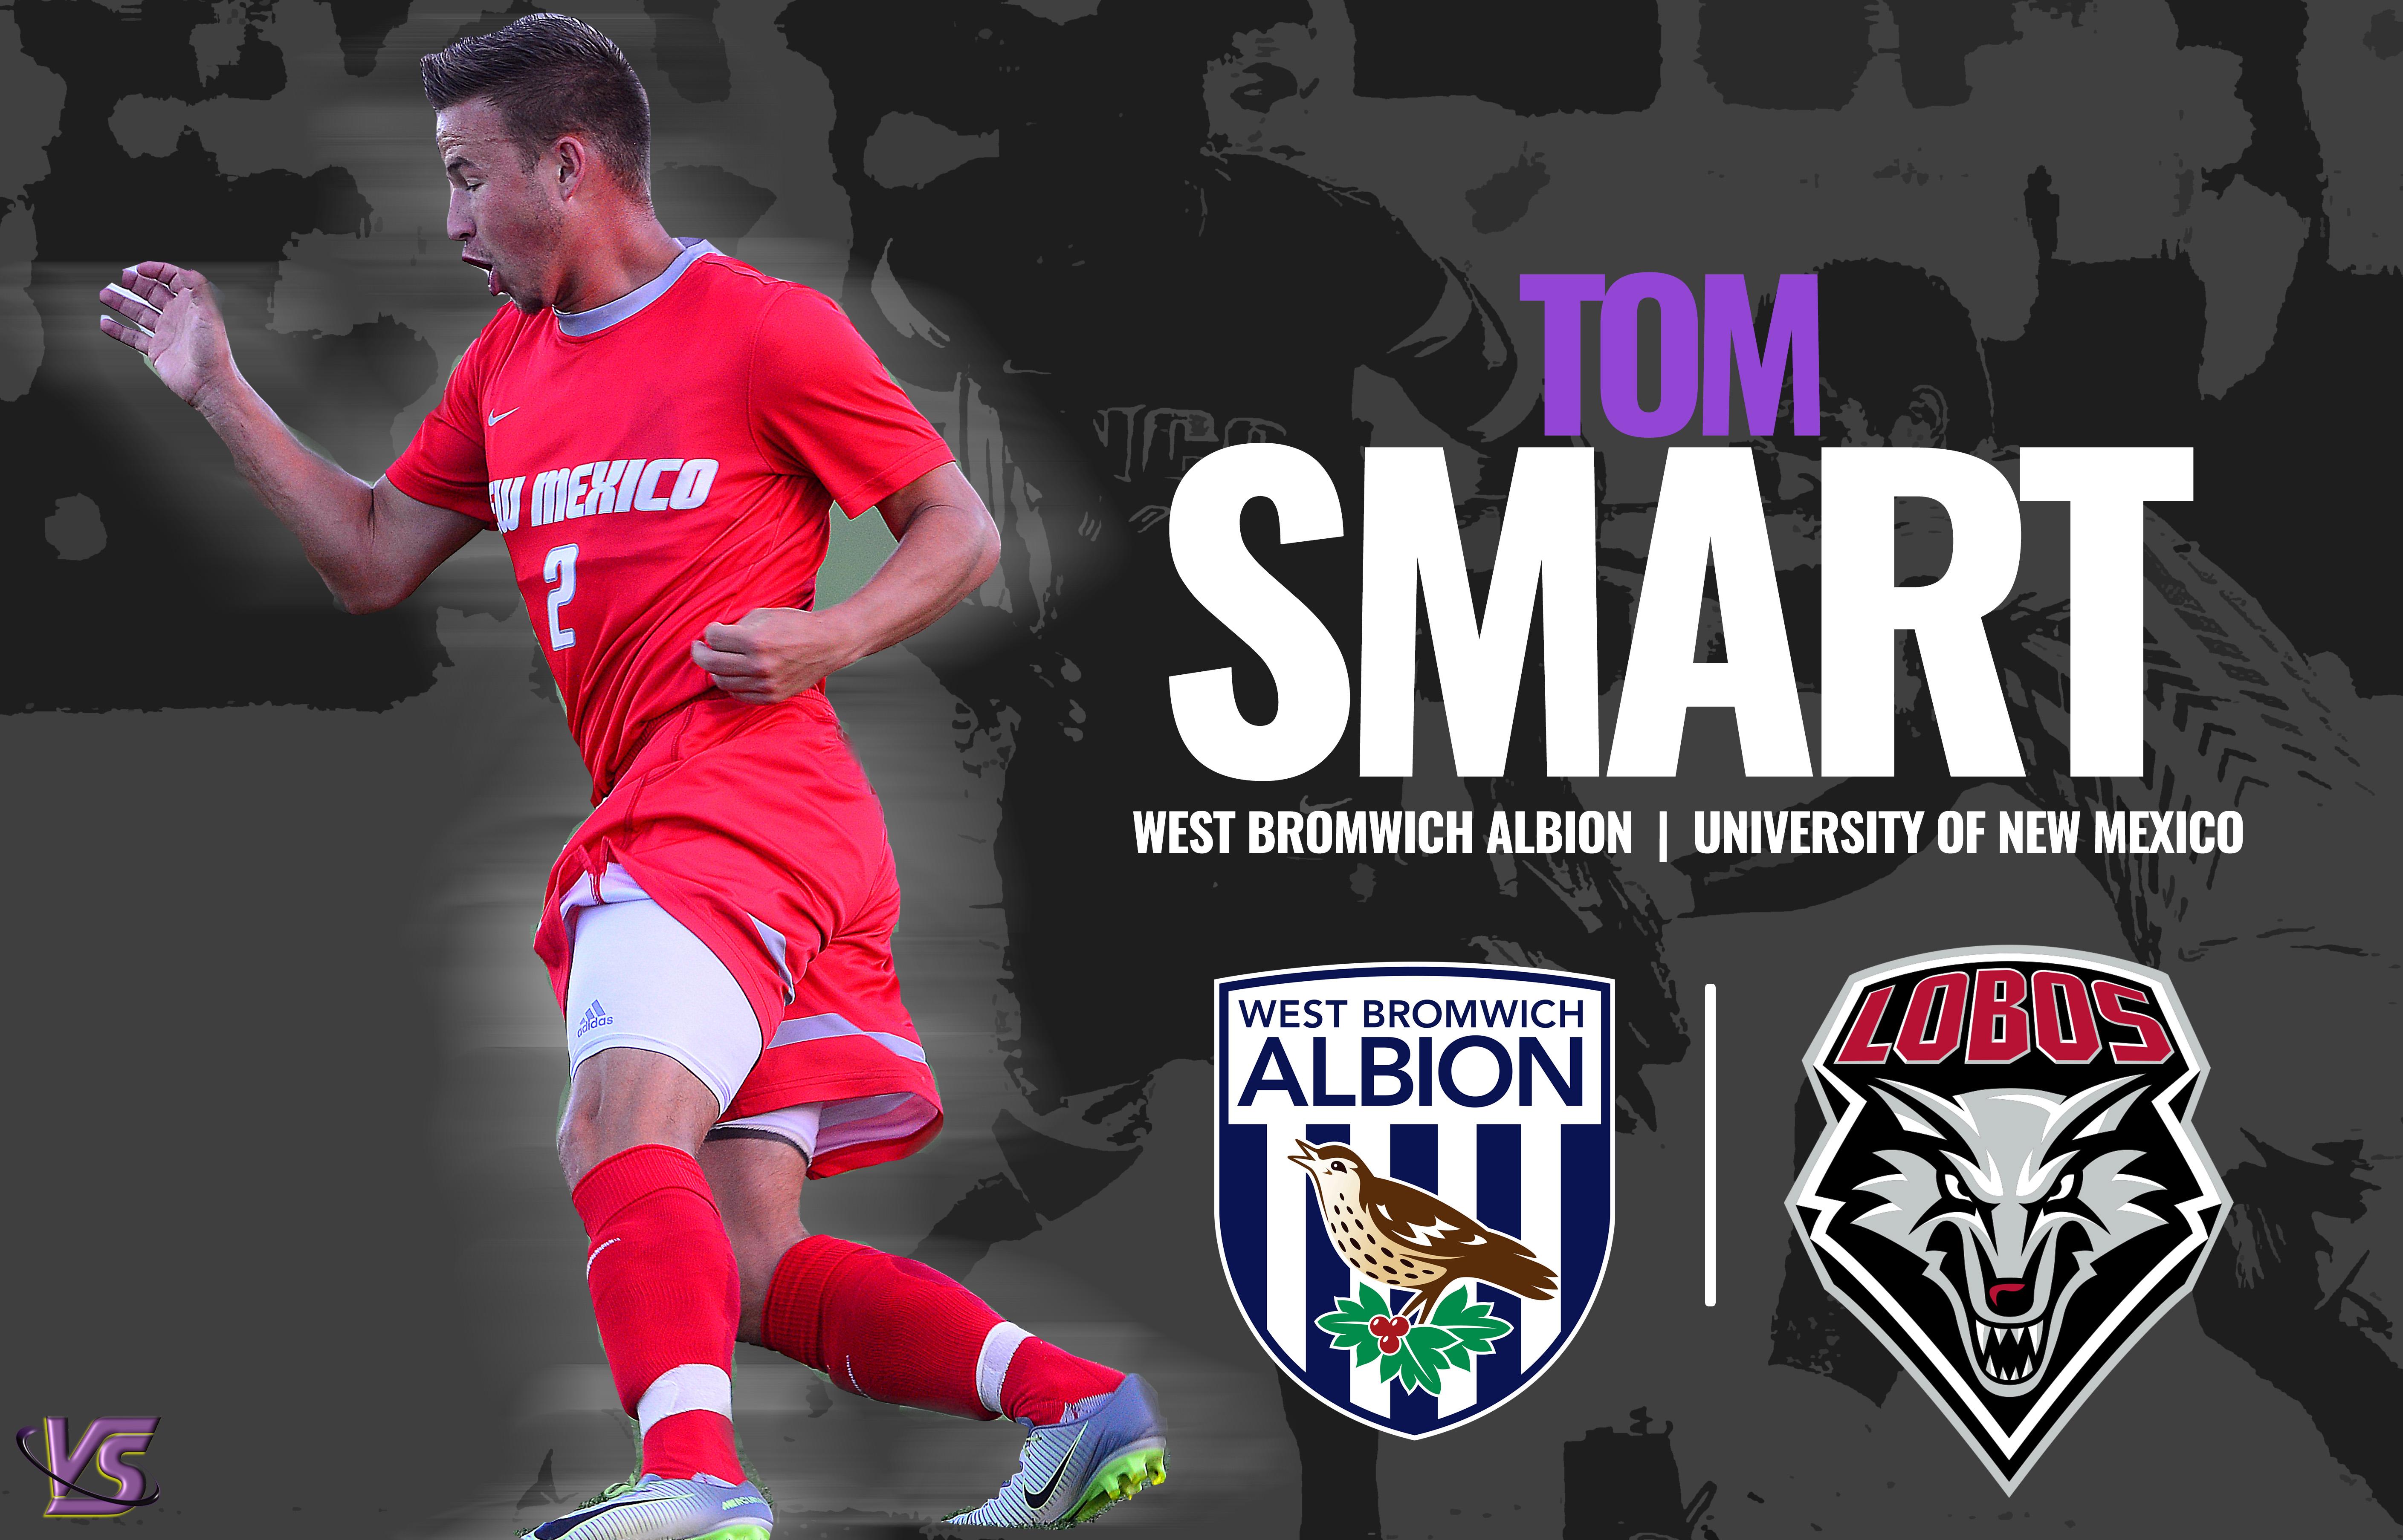 Tom Smart 2015